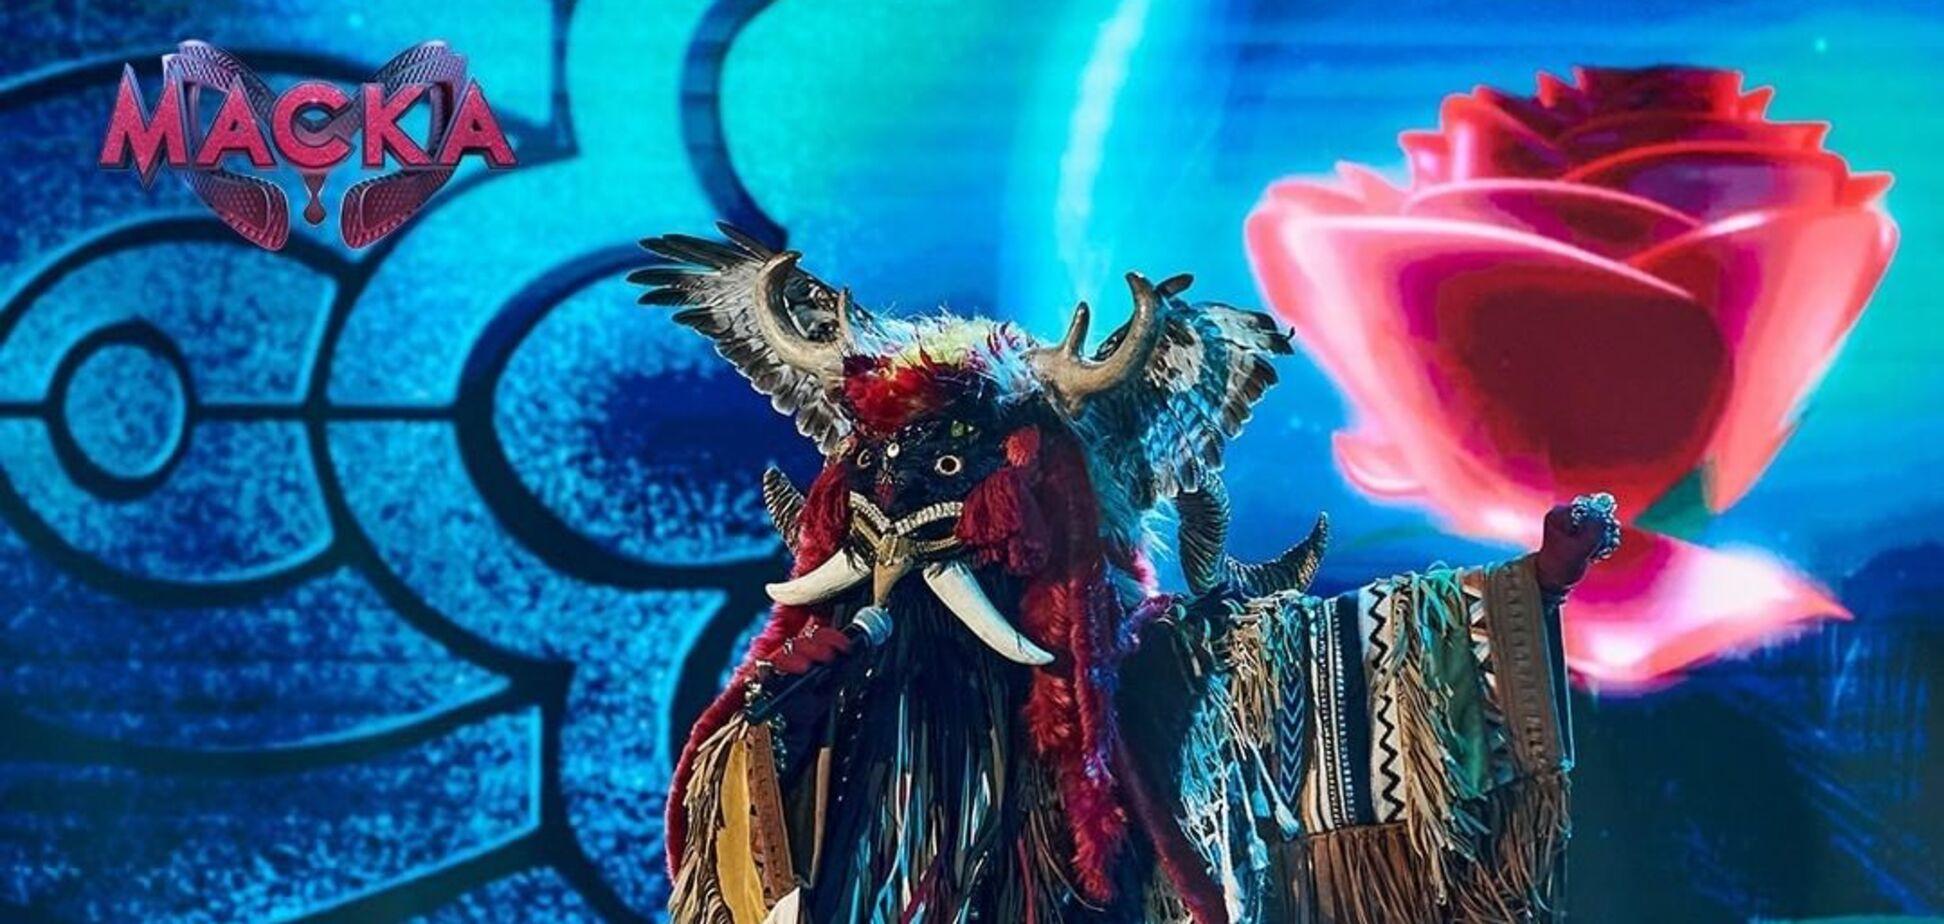 Участник в образе Мольфара на шоу 'Маска'